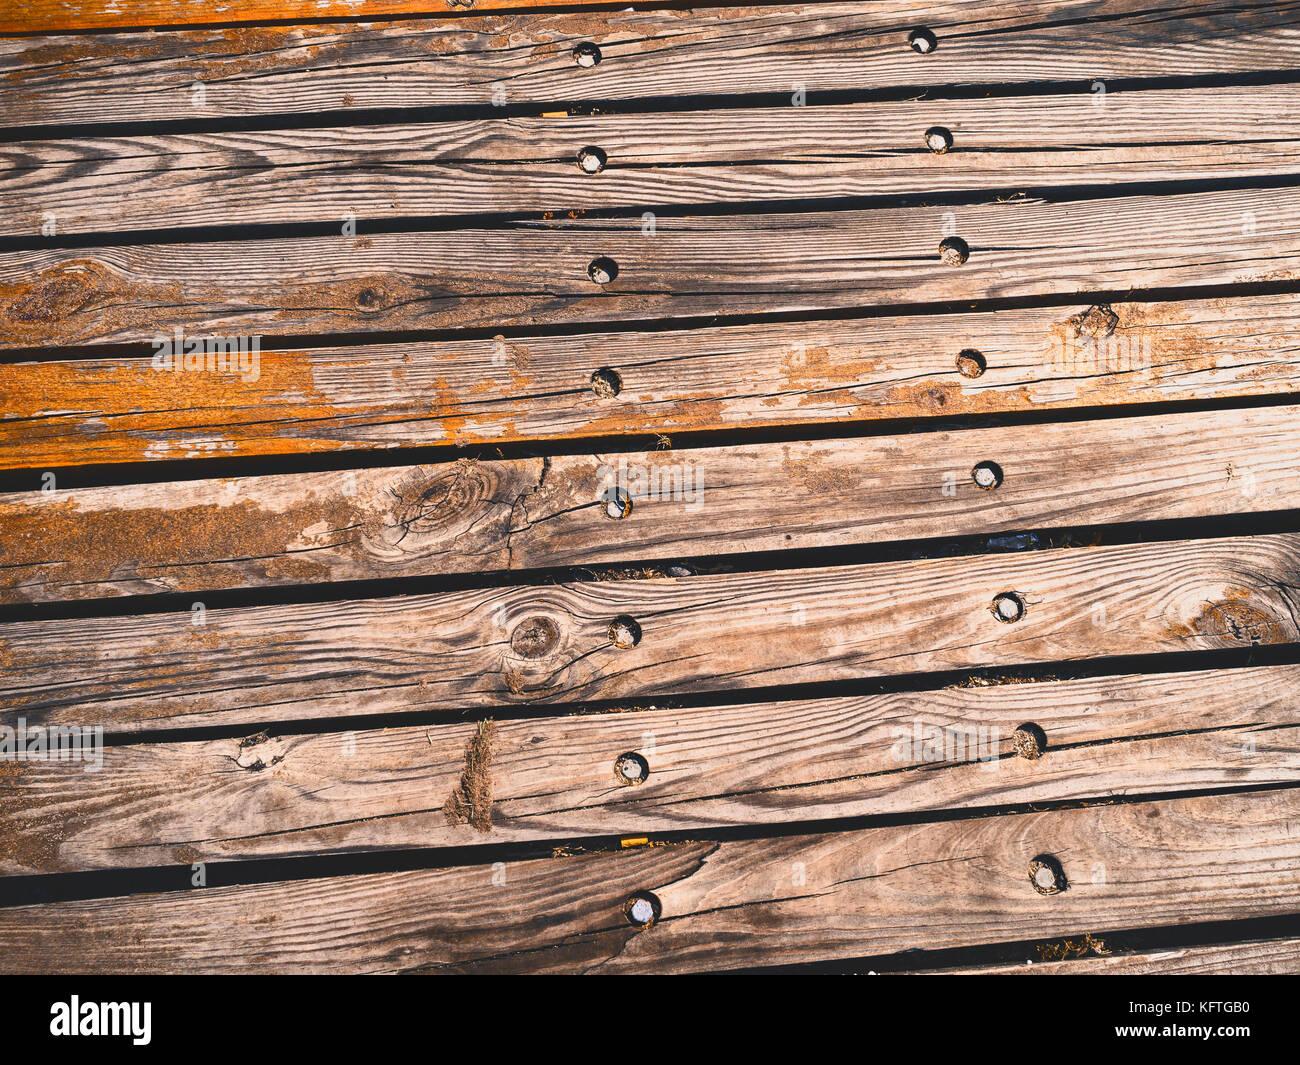 alte holzbohlen kiesige holz textur hintergrund stockfoto bild 164652852 alamy